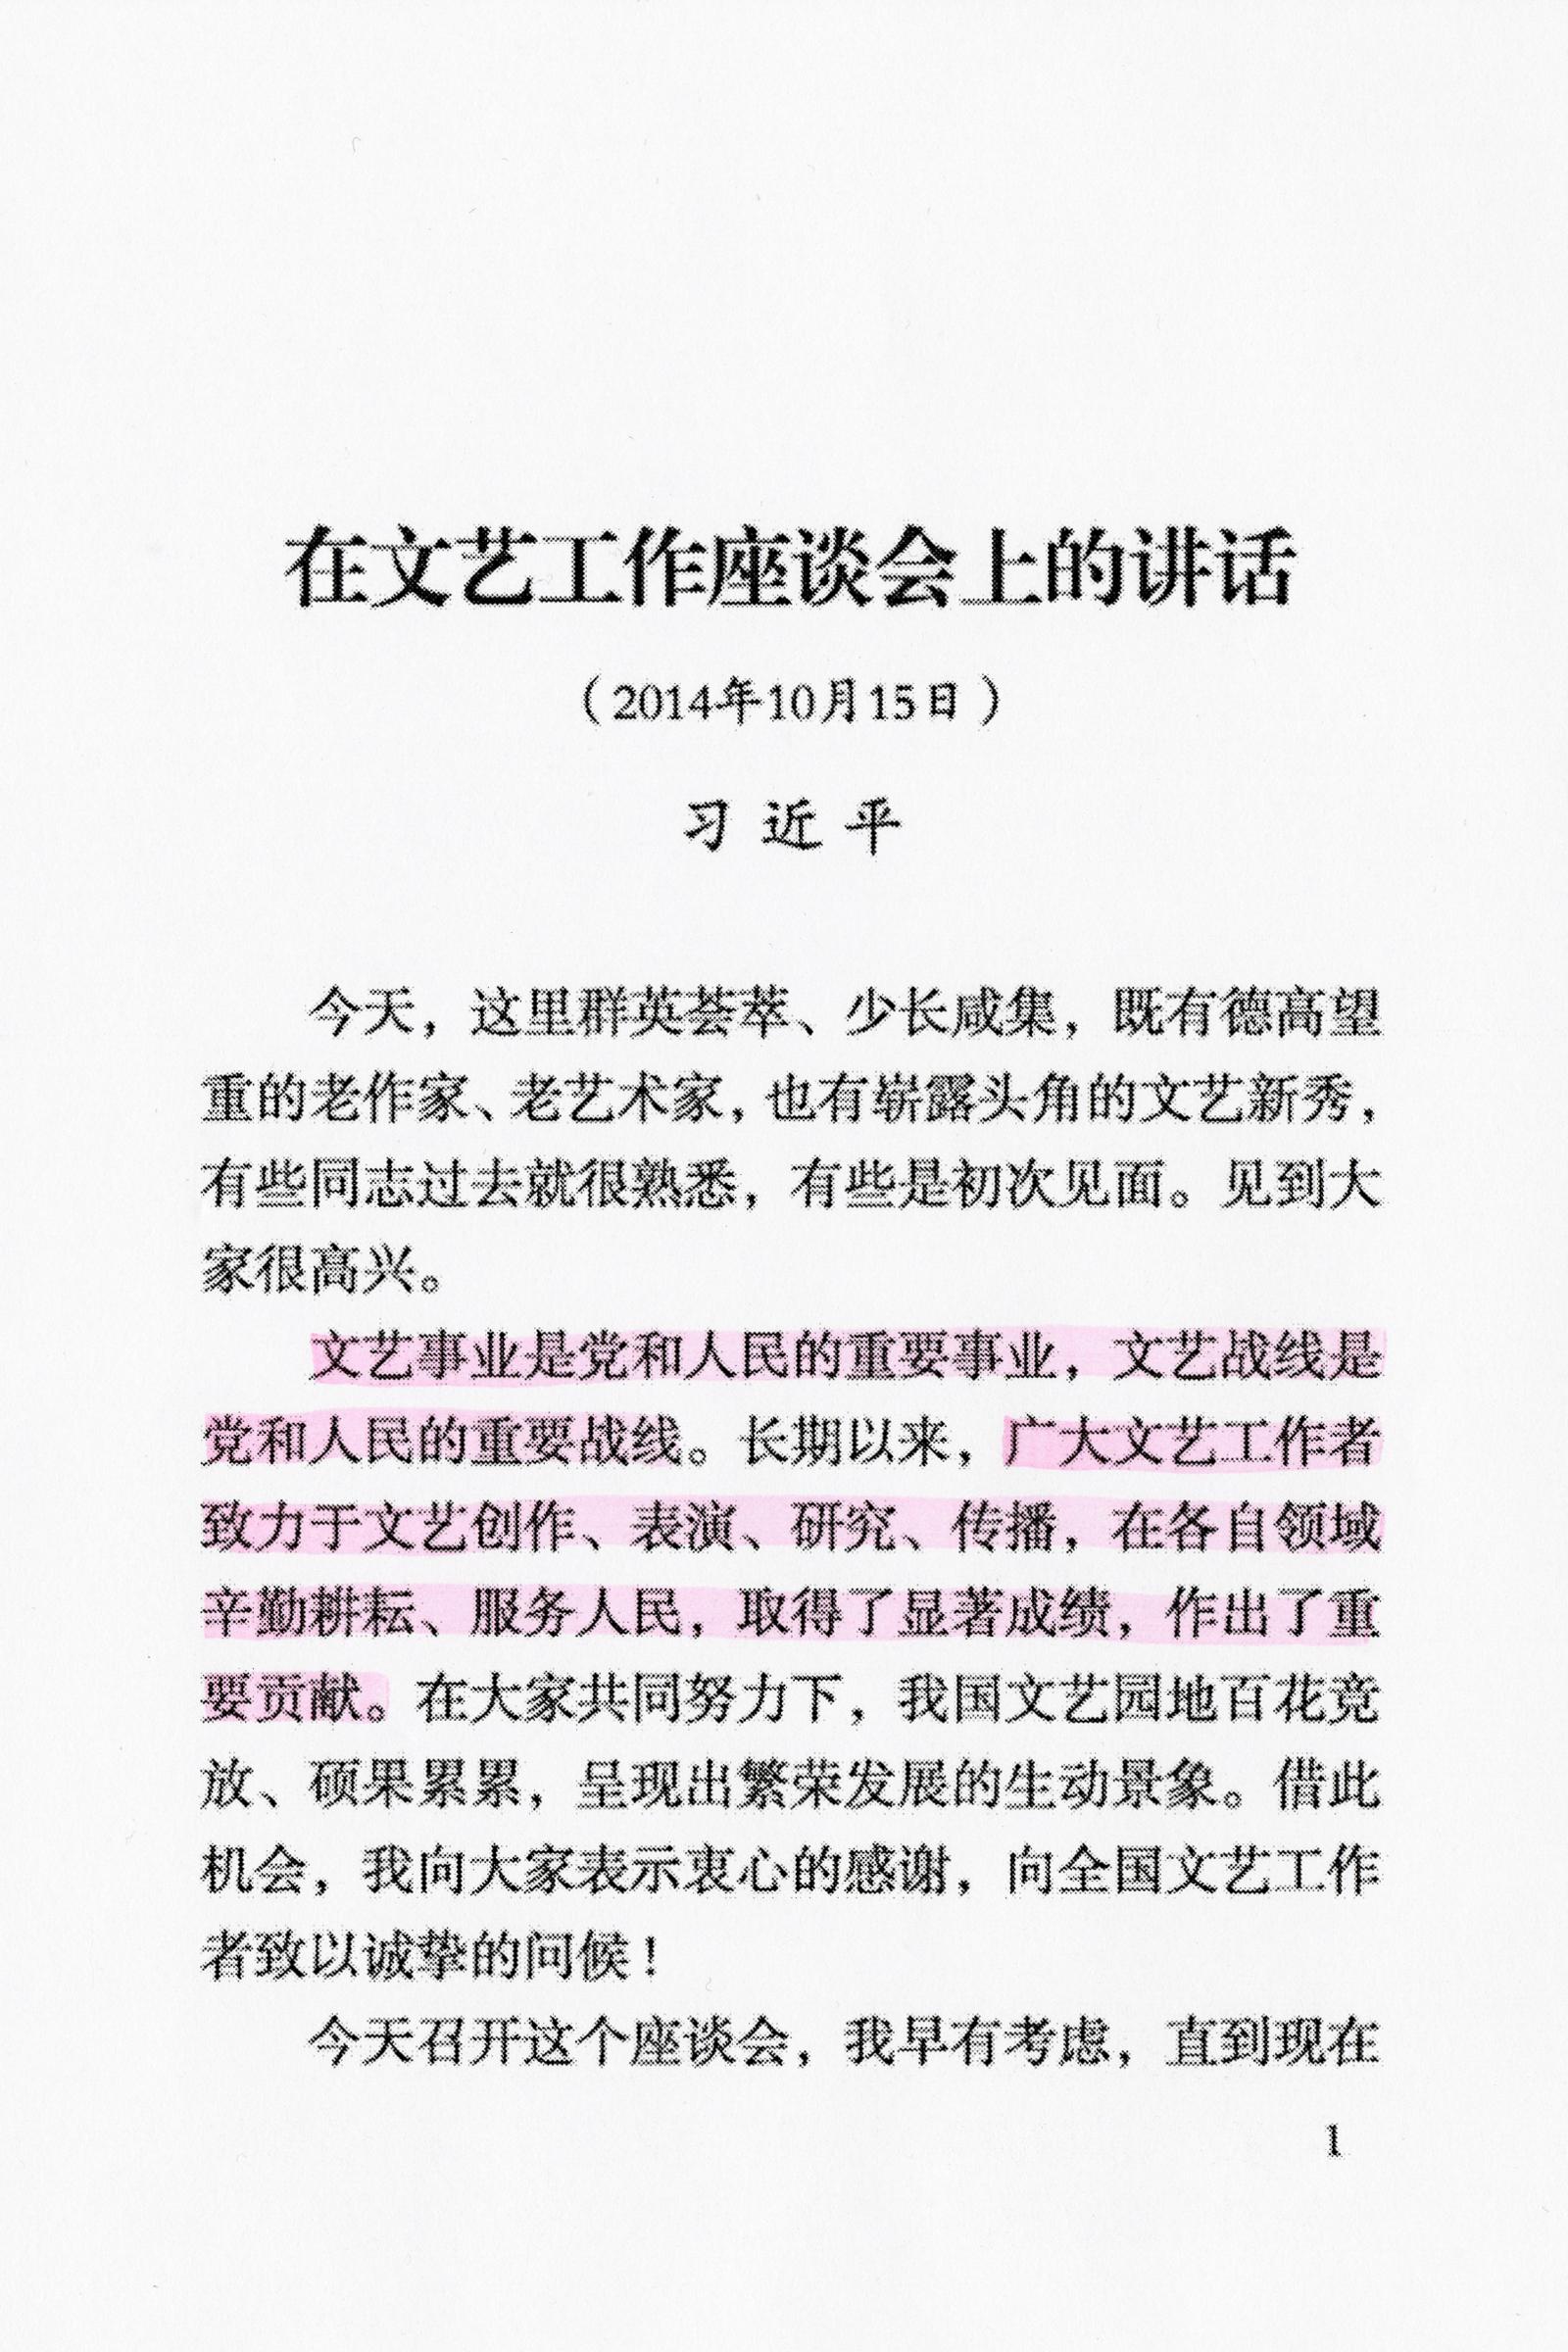 Xi2-3-2.jpg